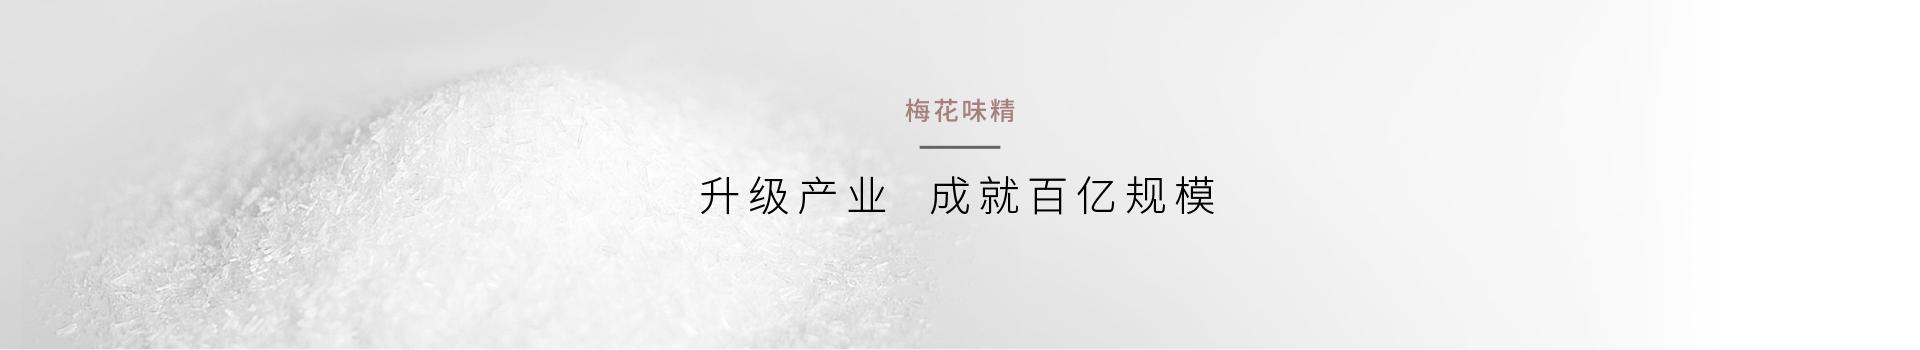 营销策划公司梅花味精营销咨询公司创新行业创造红色传播符号案例